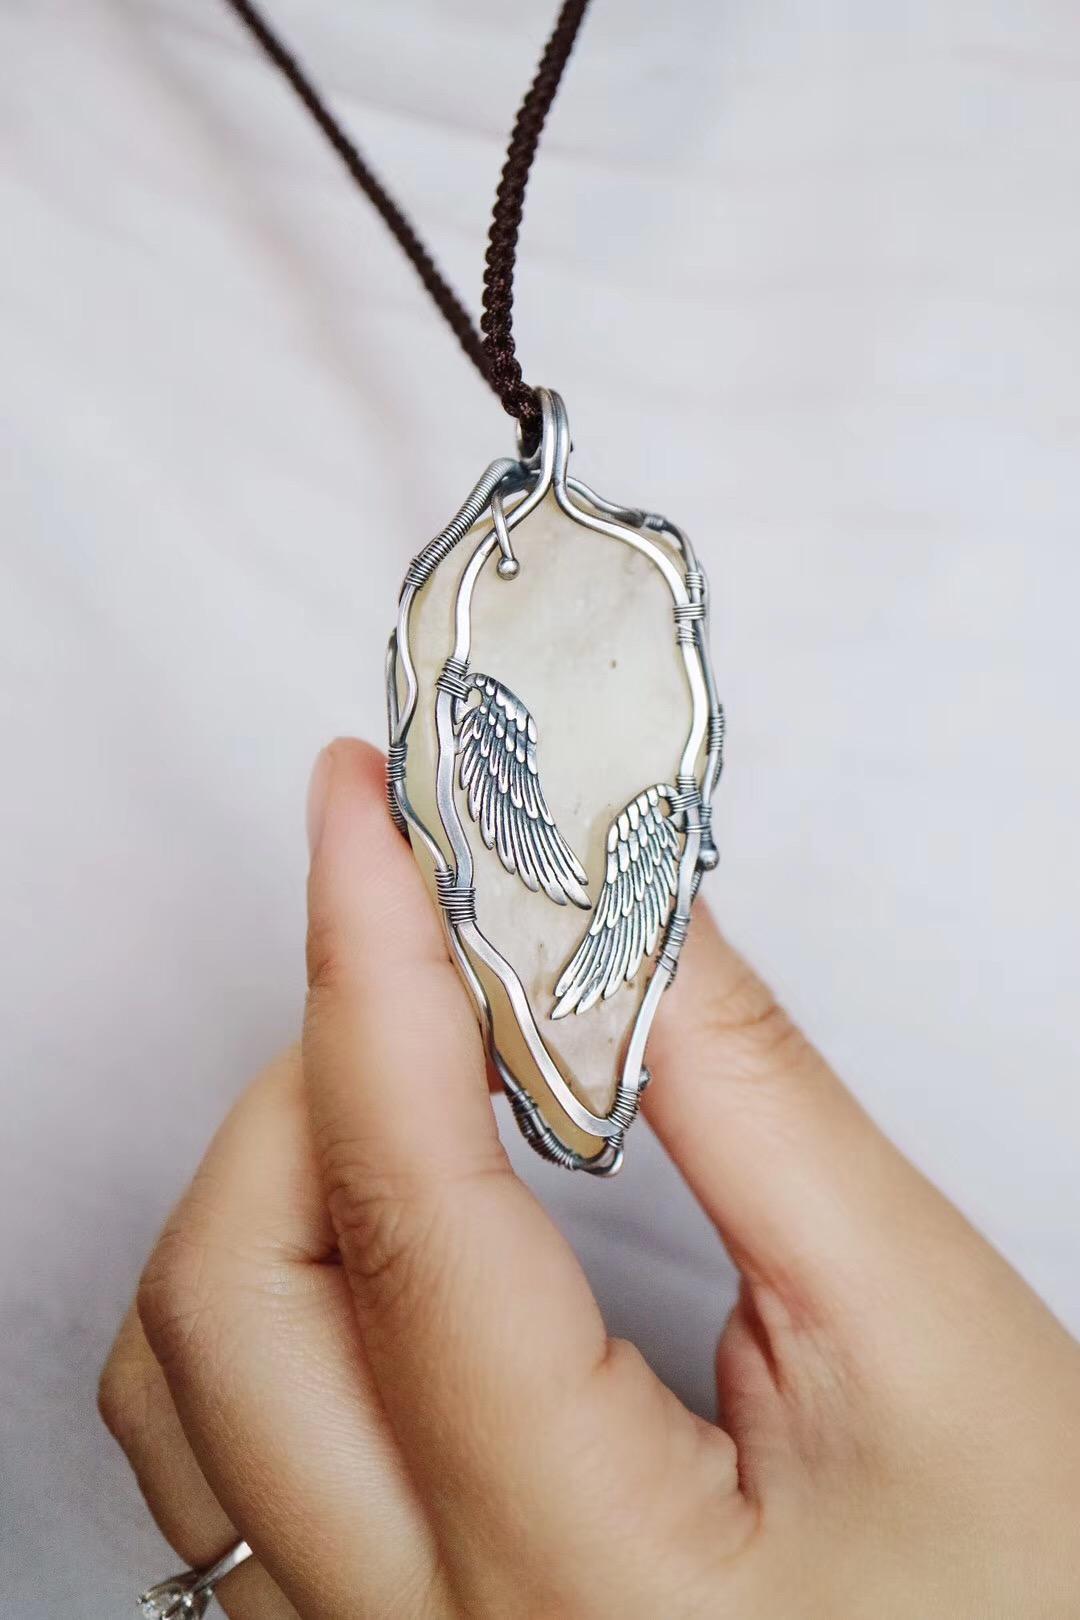 【菩心-利比亚陨石客订】它能像天使之翼一般,在主人身边。-菩心晶舍